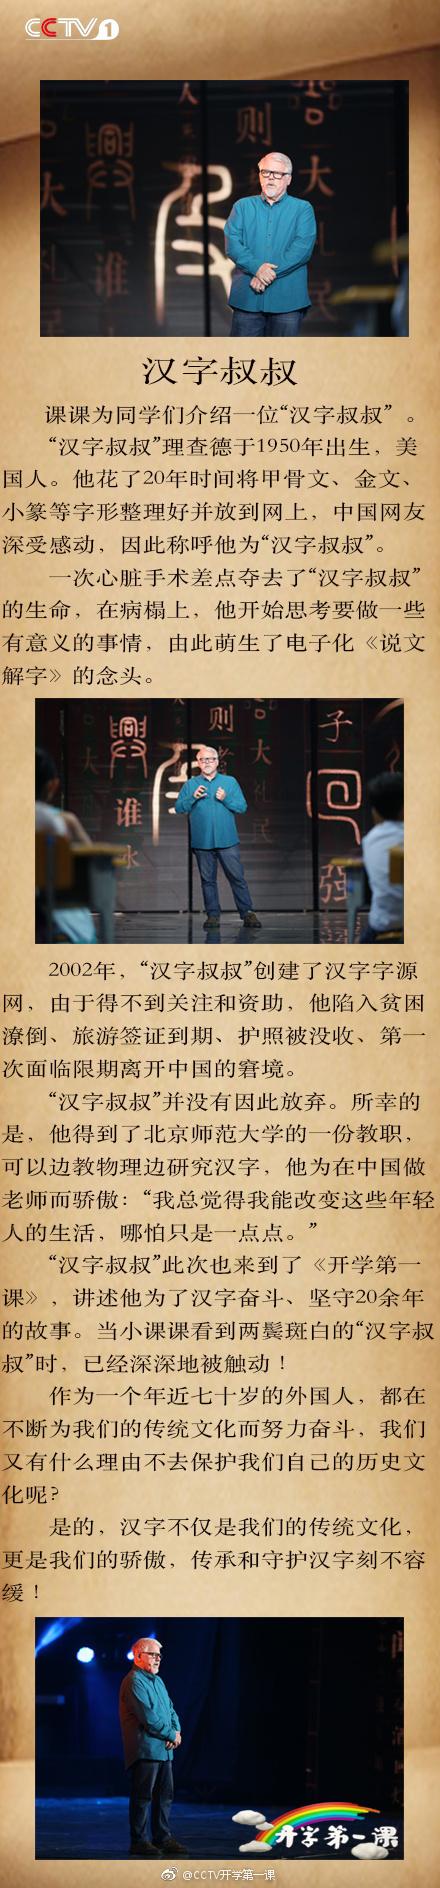 """2017开学第一课讲述""""汉字叔叔""""的故事"""